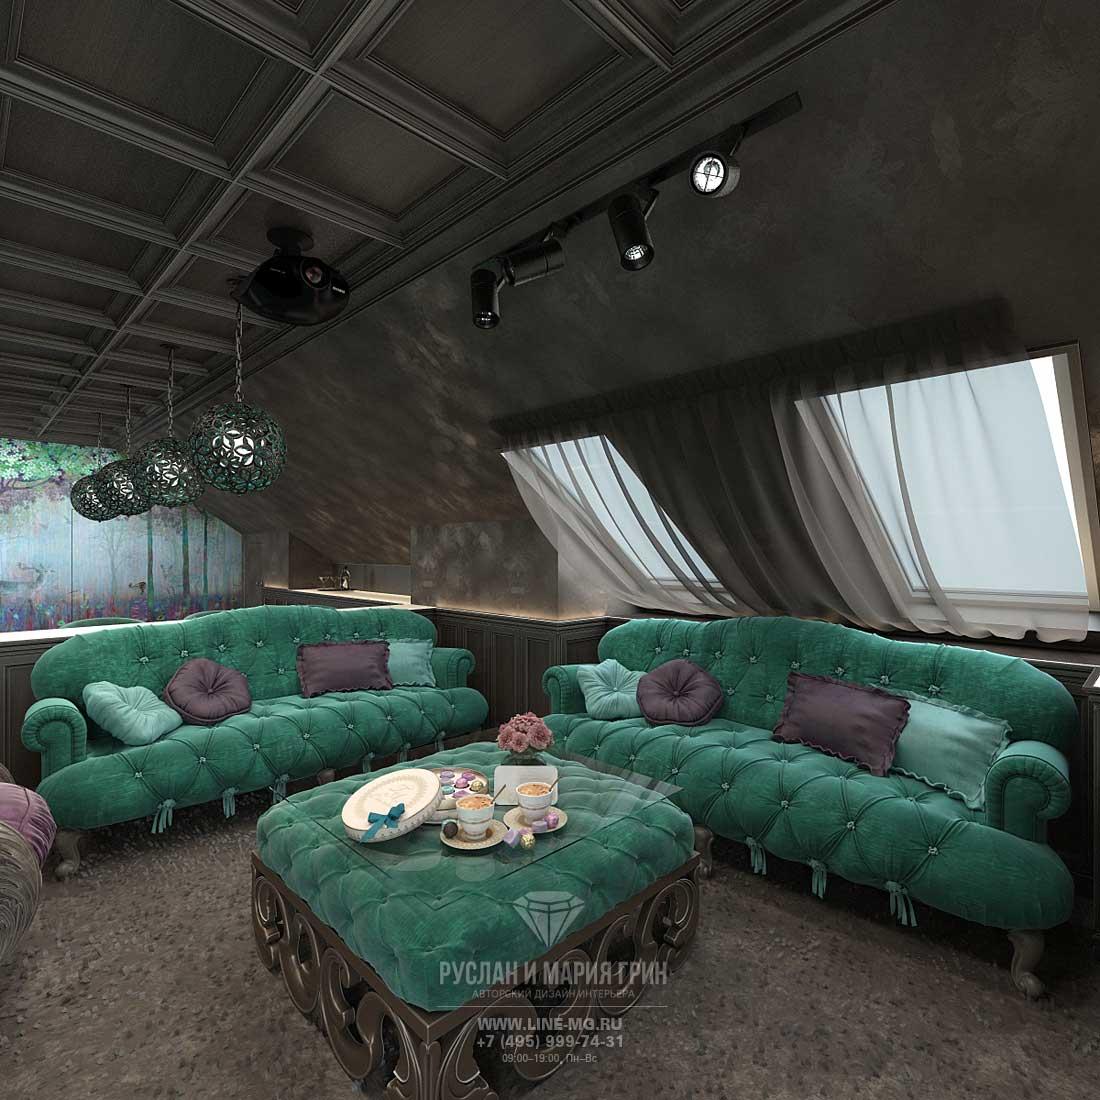 Дизайн диванной зоны на мансарде в частном доме. Фото новинка 2015